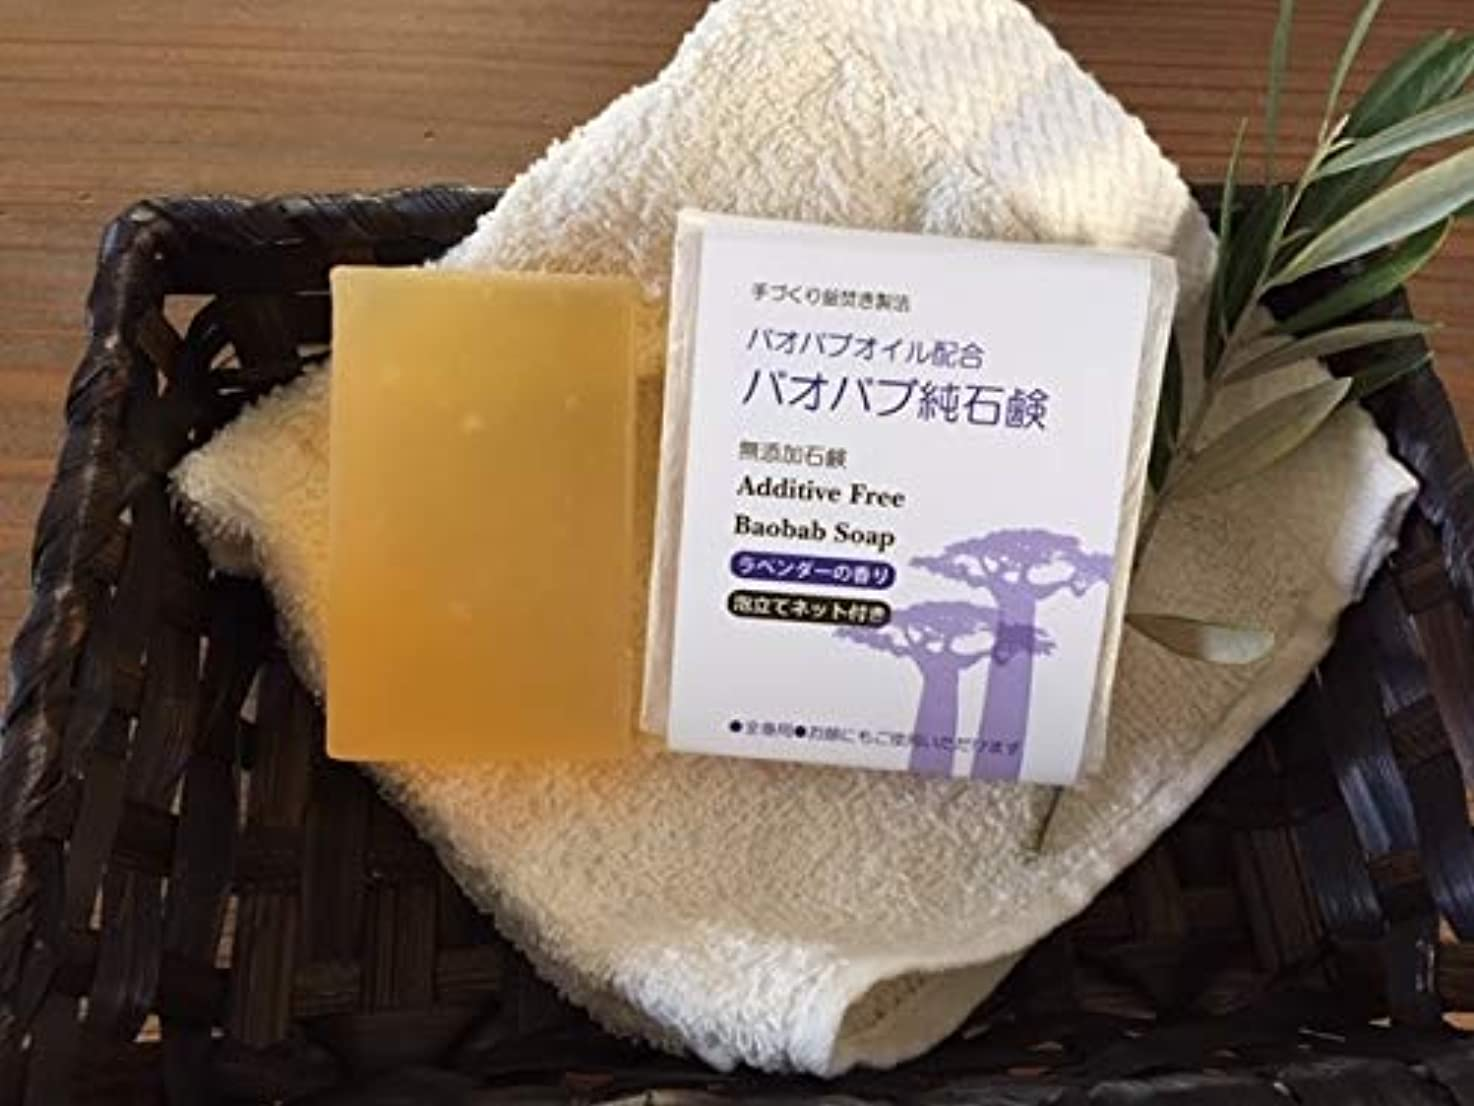 使用法報酬先入観手づくり釜焚き石鹸 バオバブ純石鹸 ラベンダーの香り 130g バス用ジャンボサイズ『ゴールド 未精製 バオバブオイル配合』 有機栽培のバオバブオイルをたっぷり配合しました